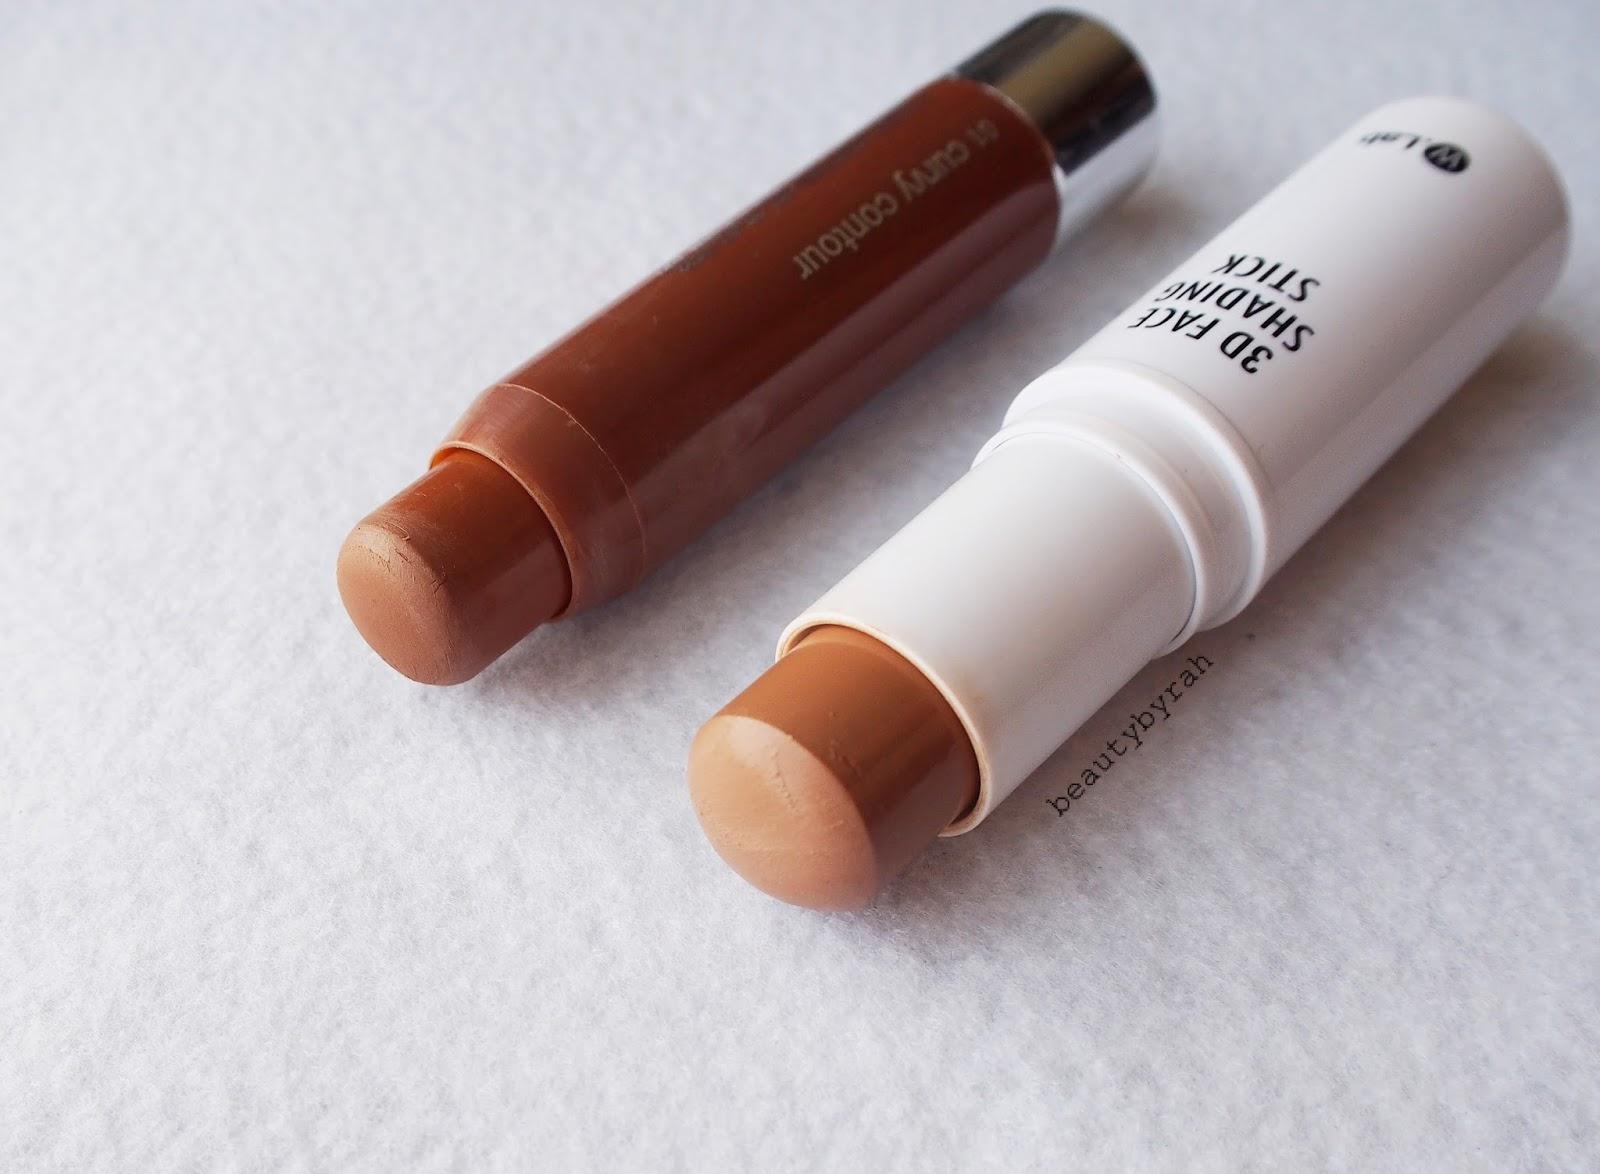 w.lab 3D Face Shading Stick Review vs clinique chubby contour stick